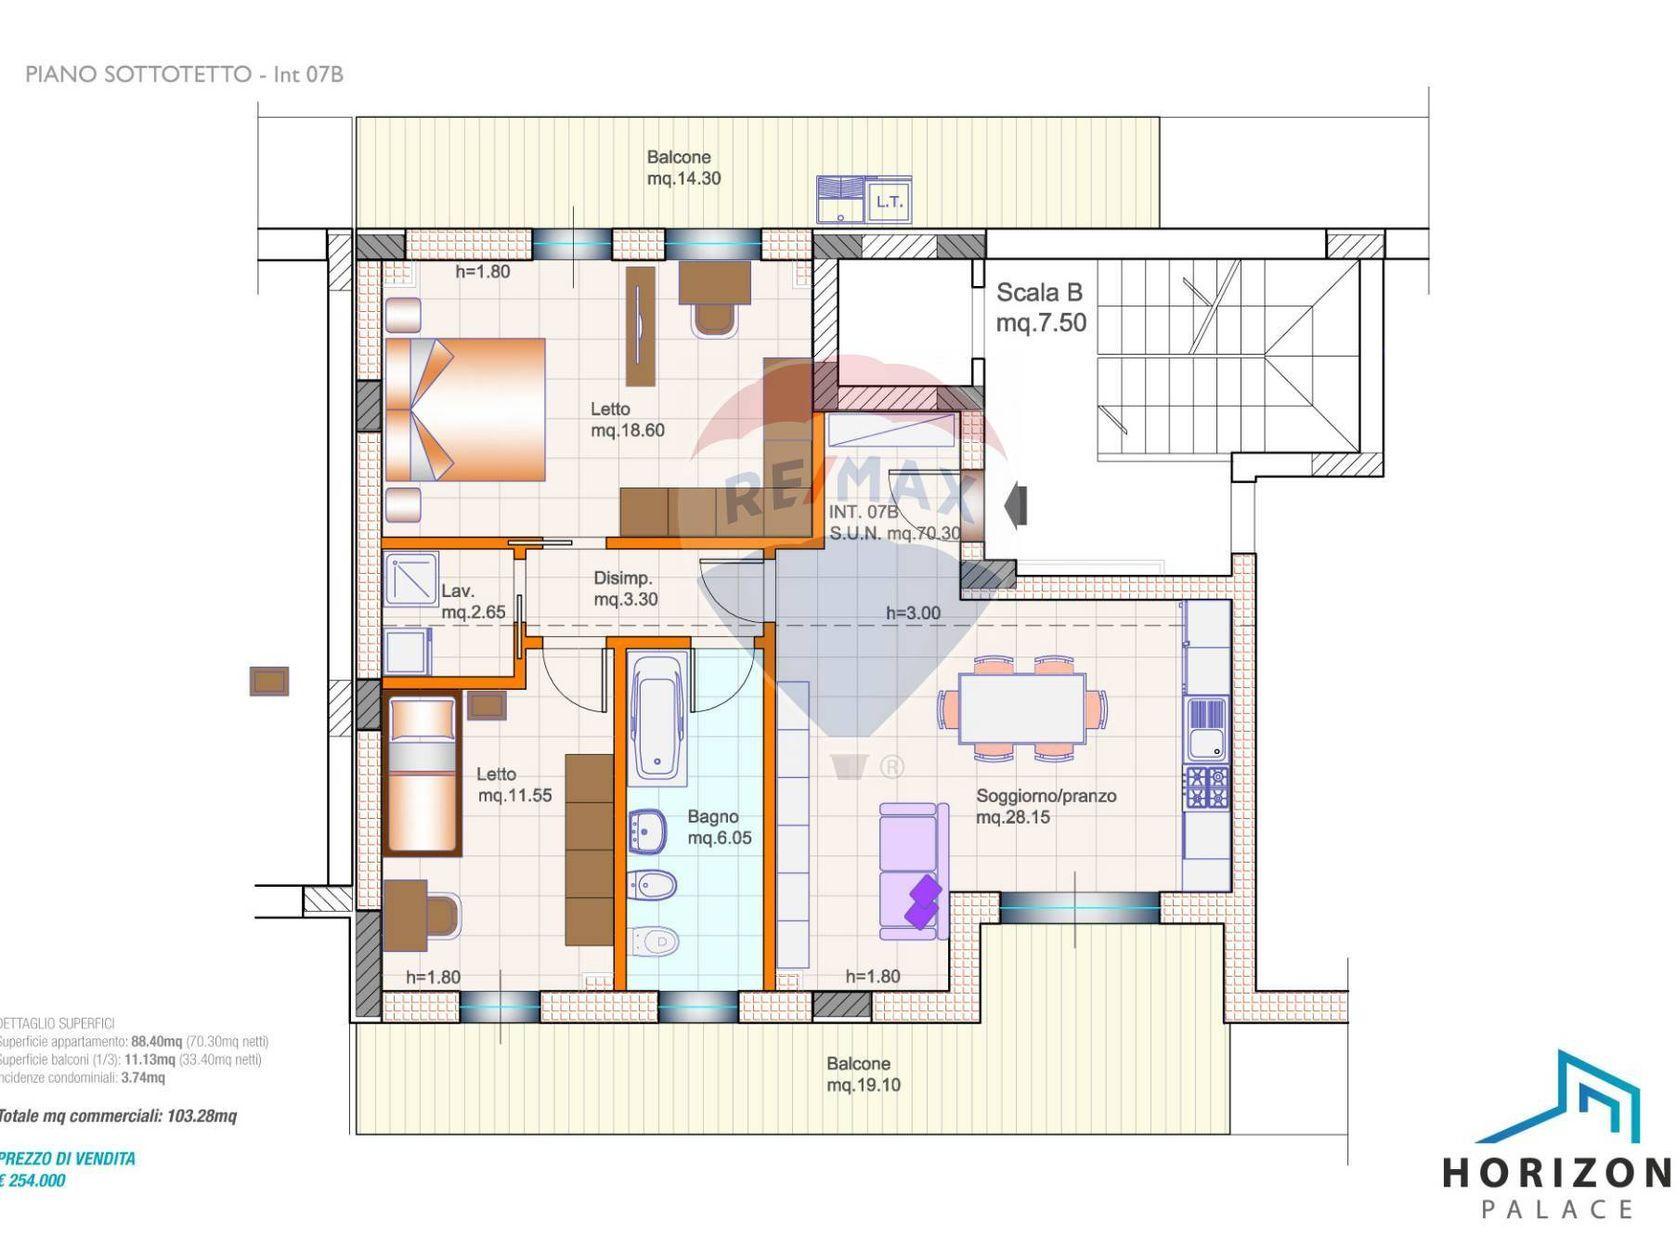 Appartamento Porta Nuova, Pescara, PE Vendita - Planimetria 1